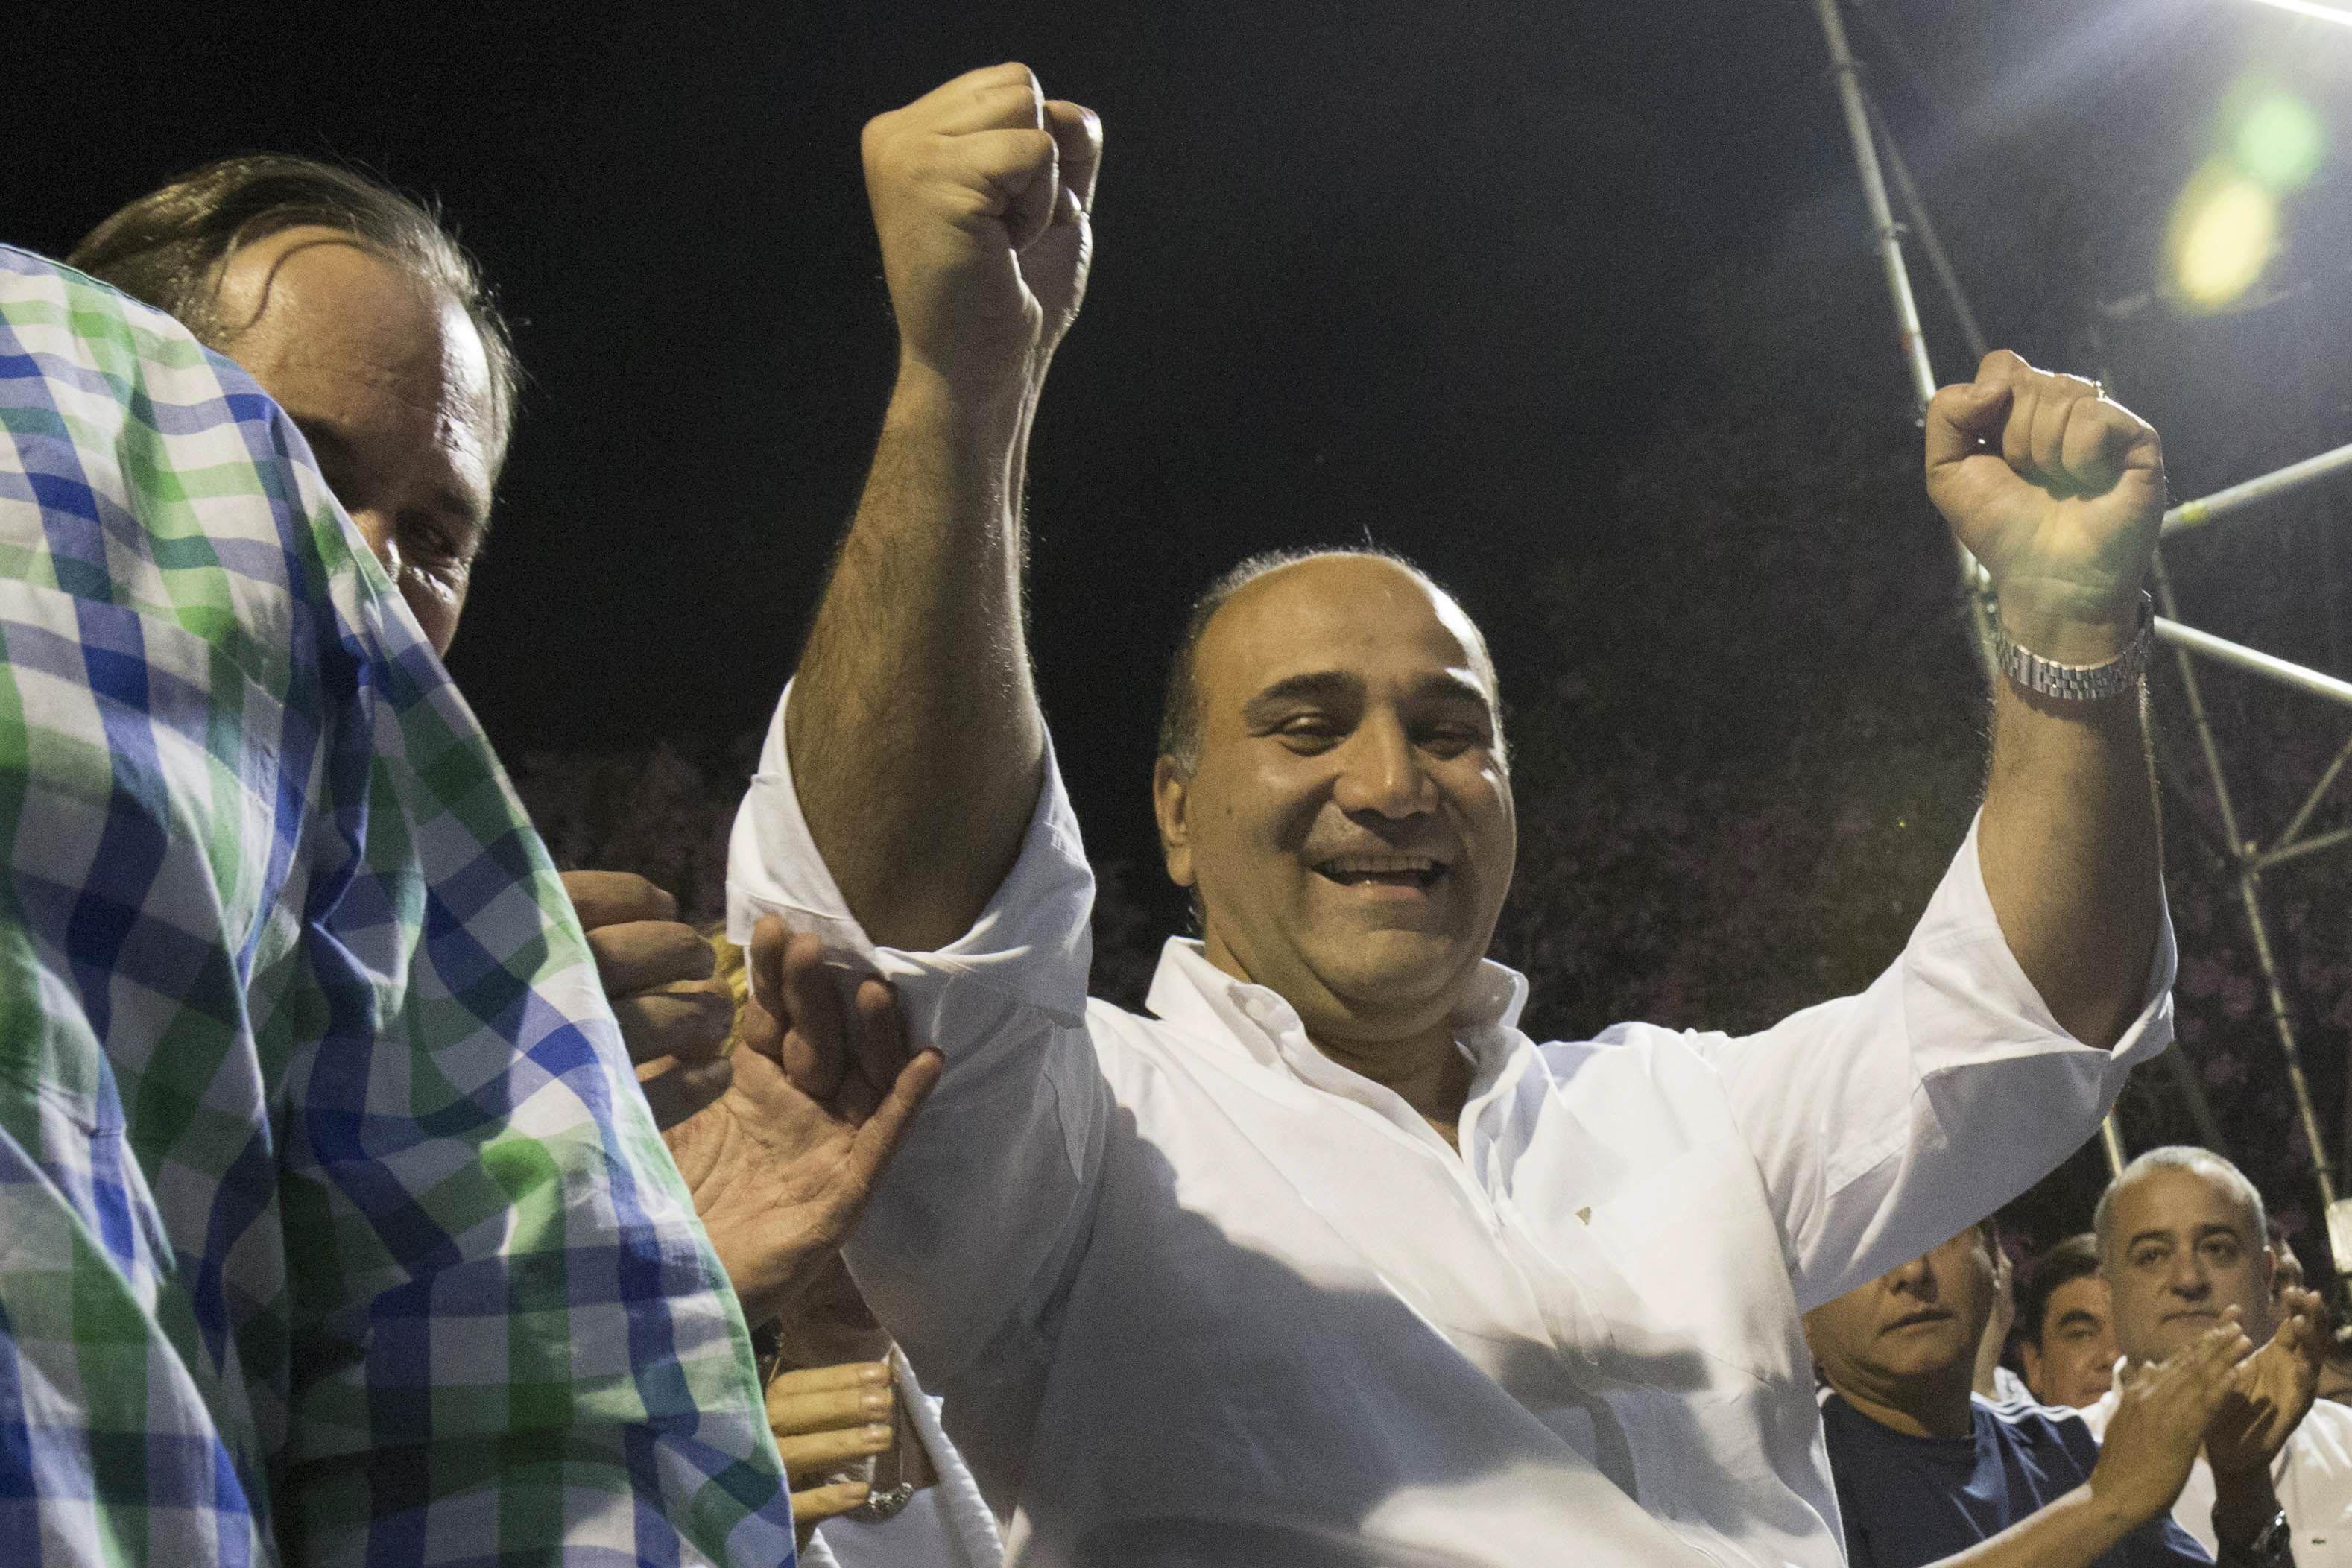 Festejo. Manzur encabezó la manifestación oficialista en la capital tucumana y le pedió a la oposición que acepte el veredicto de las urnas.